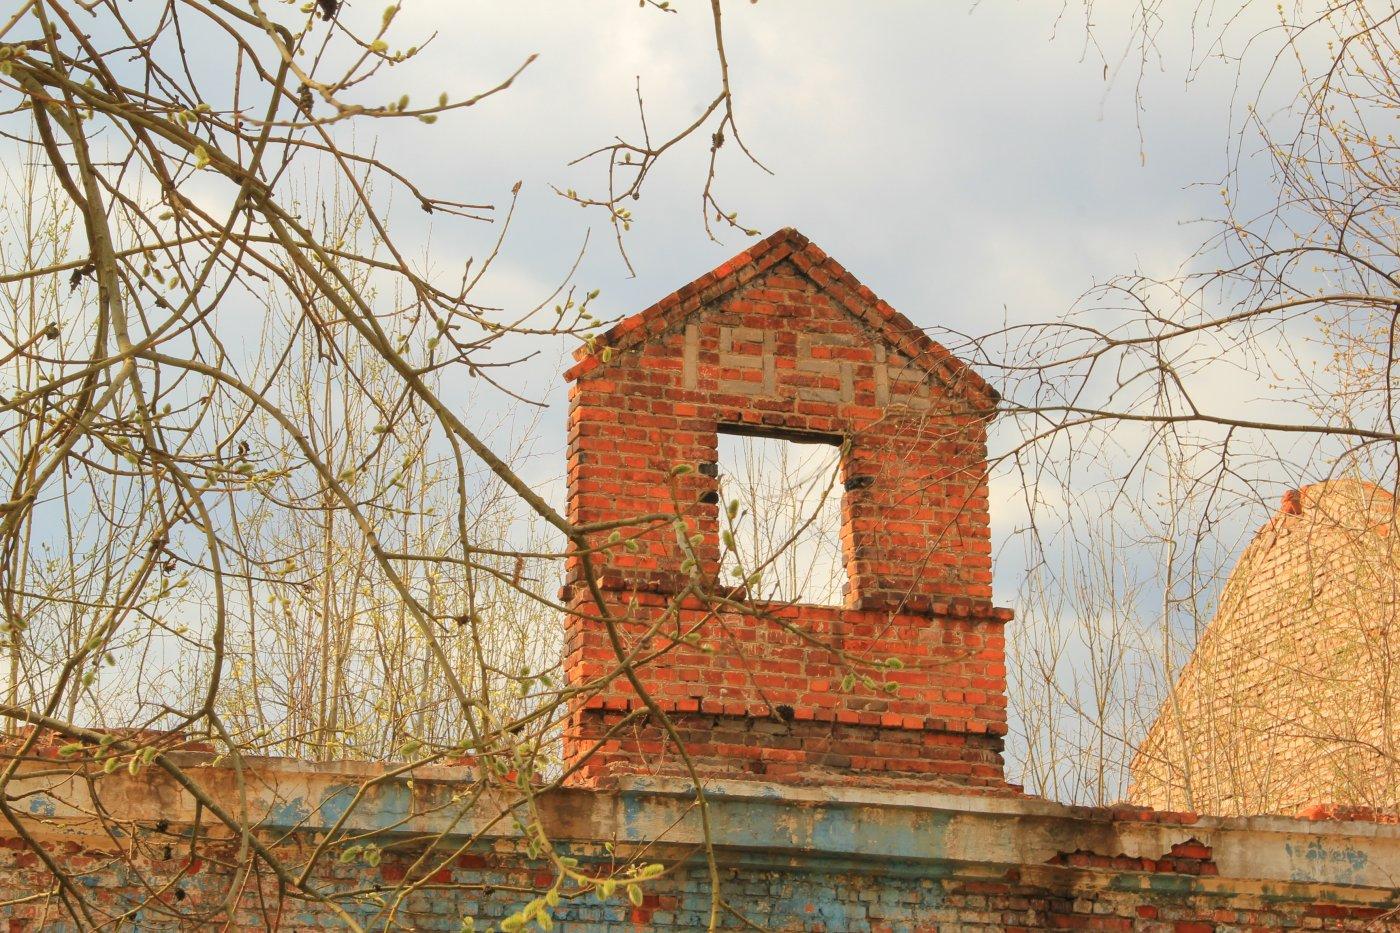 Фото IMG_5526.JPG. Россия, Московская область, Тучково, улица Советская